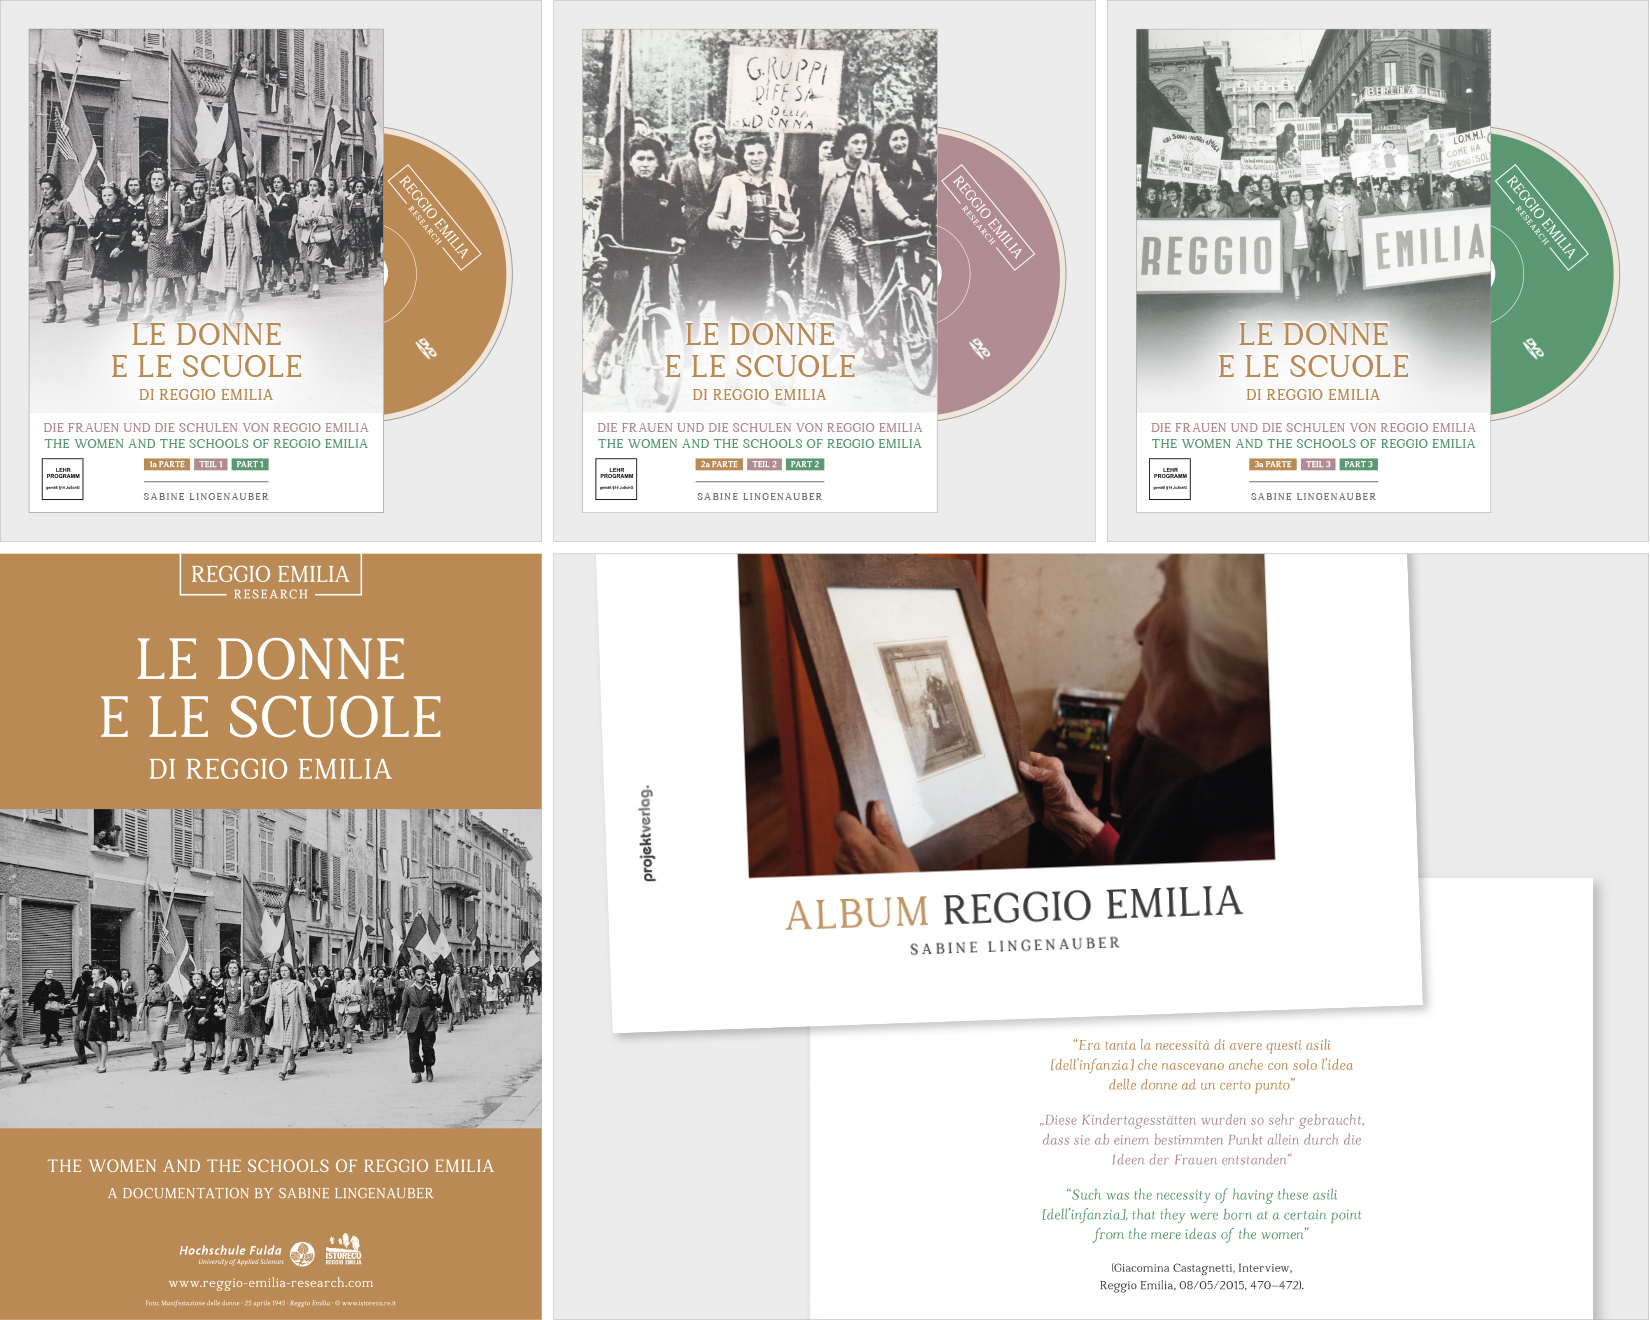 Reggio Emilia Research - corridor | Design und Web Agentur Linz